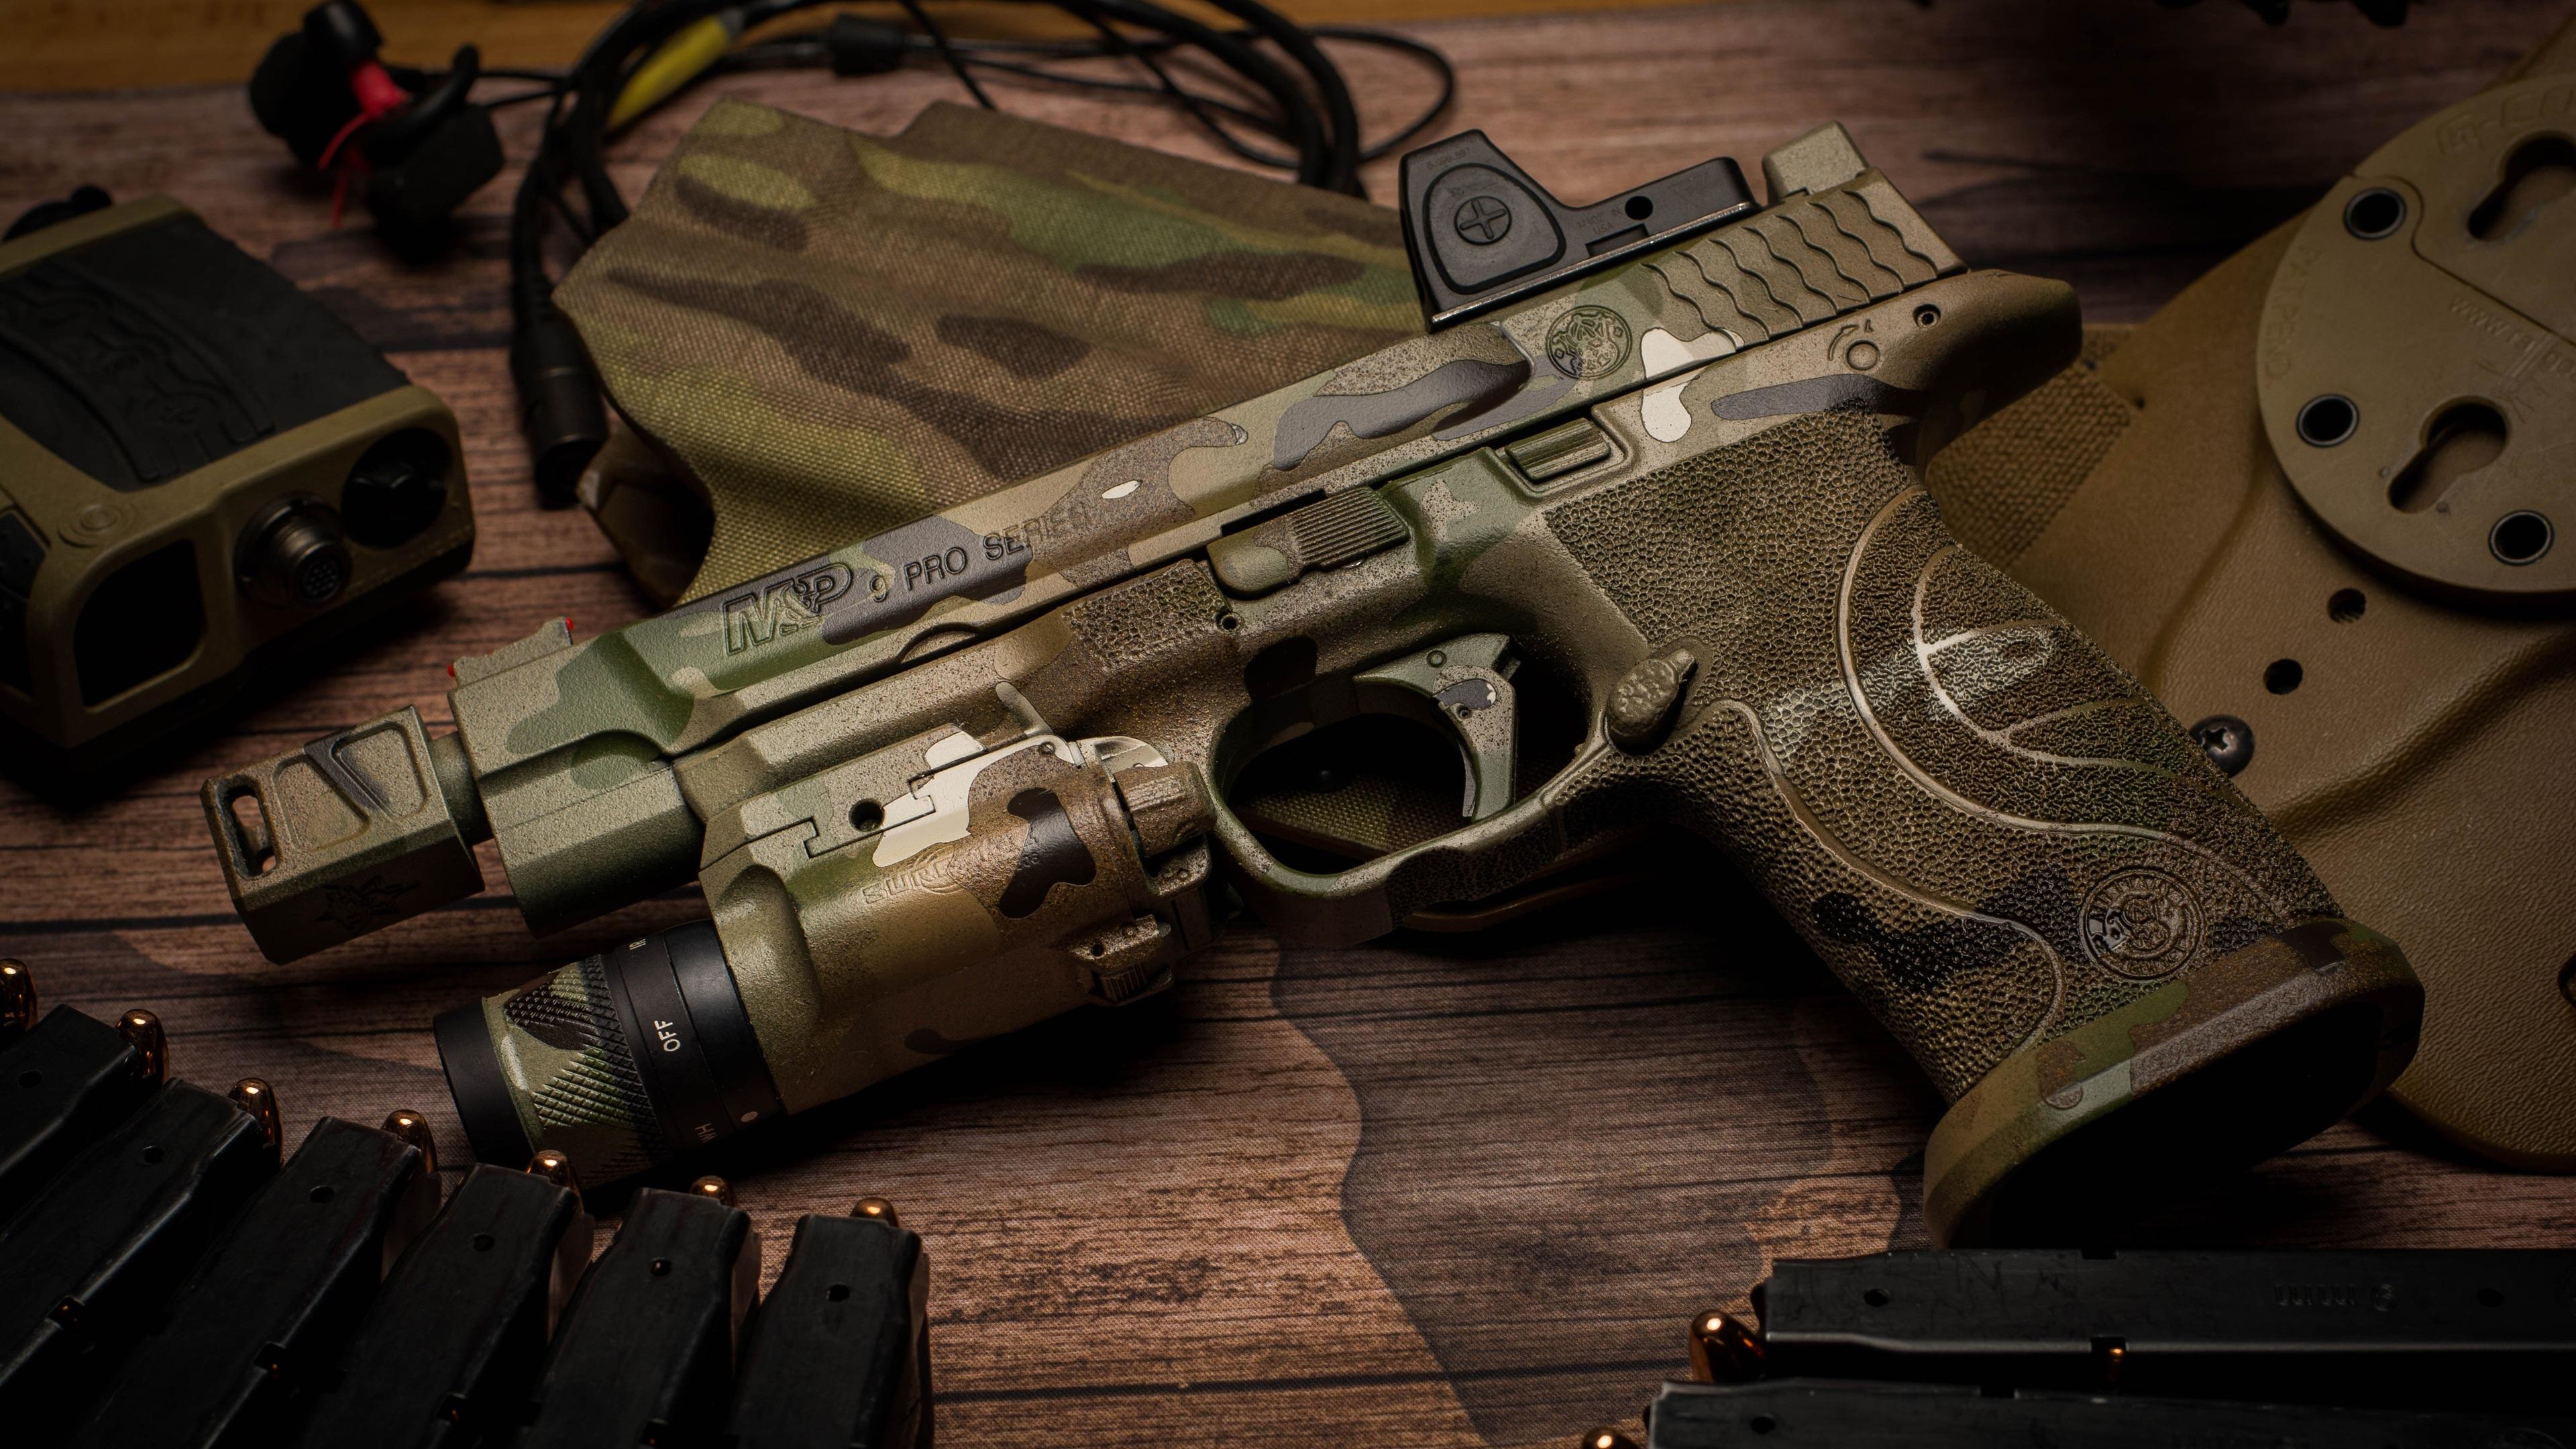 Pubg Weapon Master Wallpaper: Fonds D'écran Pistolet De Camouflage, Arme 3840x2160 UHD